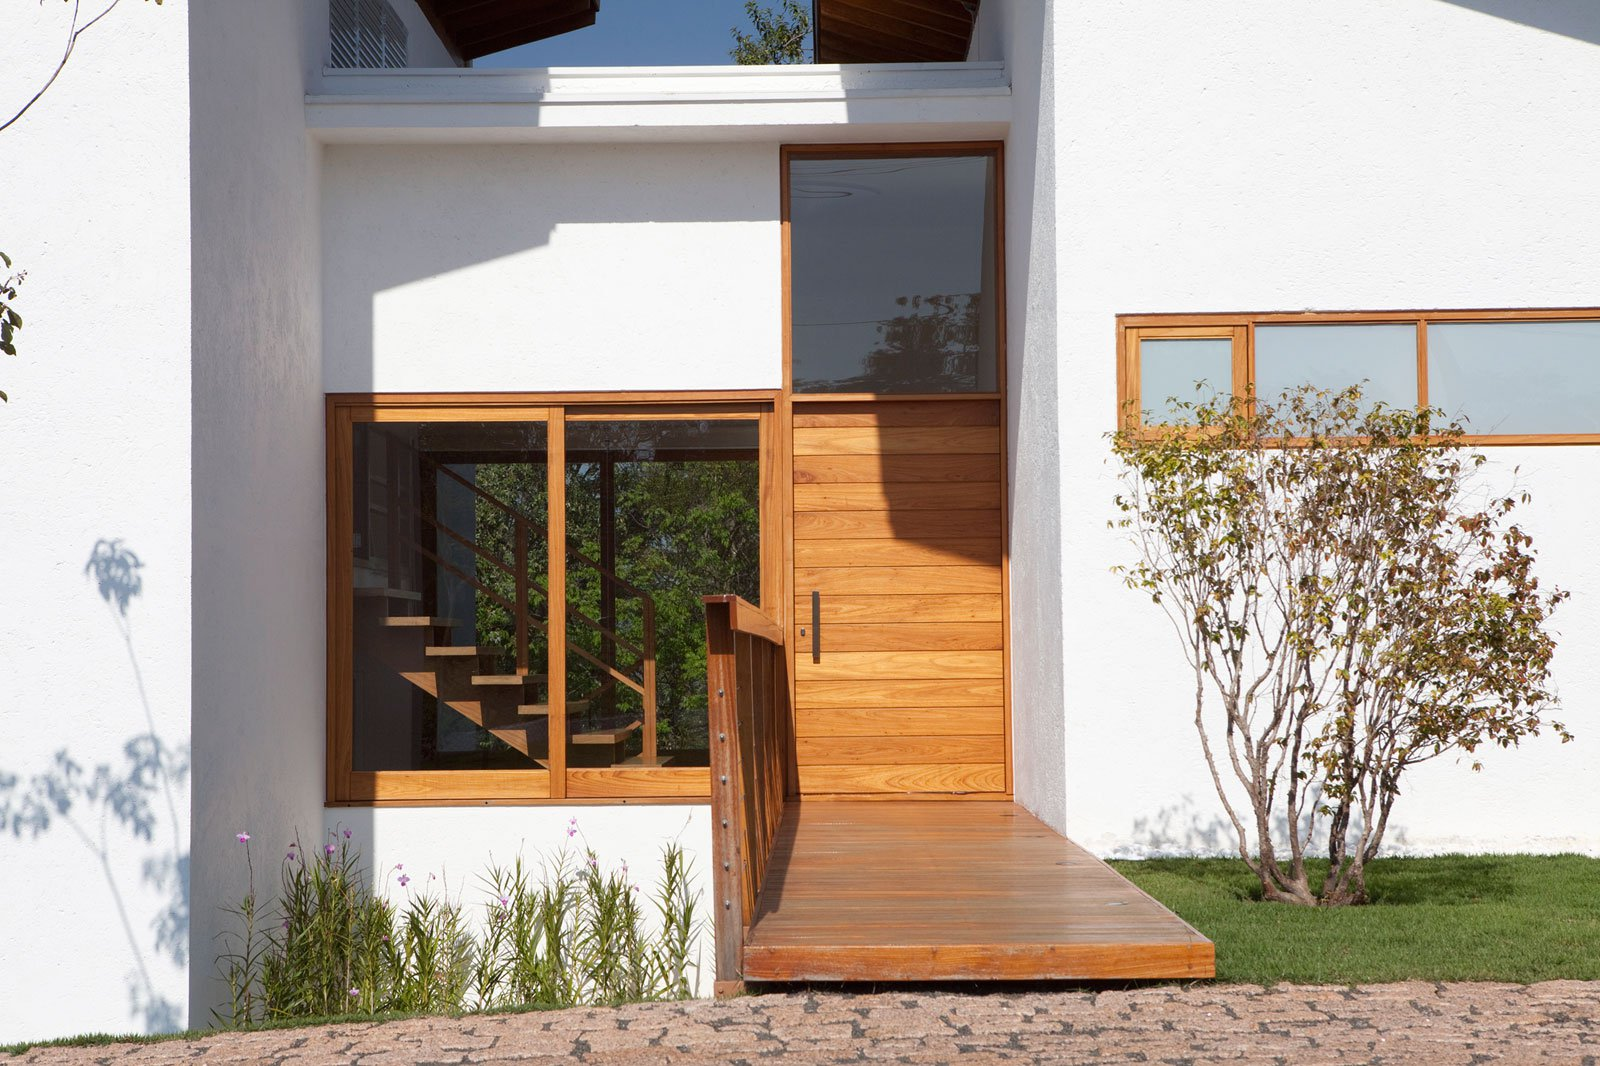 casa de campo de madera y hormig n de 280 metros cuadrados ForPuertas De Ingreso Principal Casas